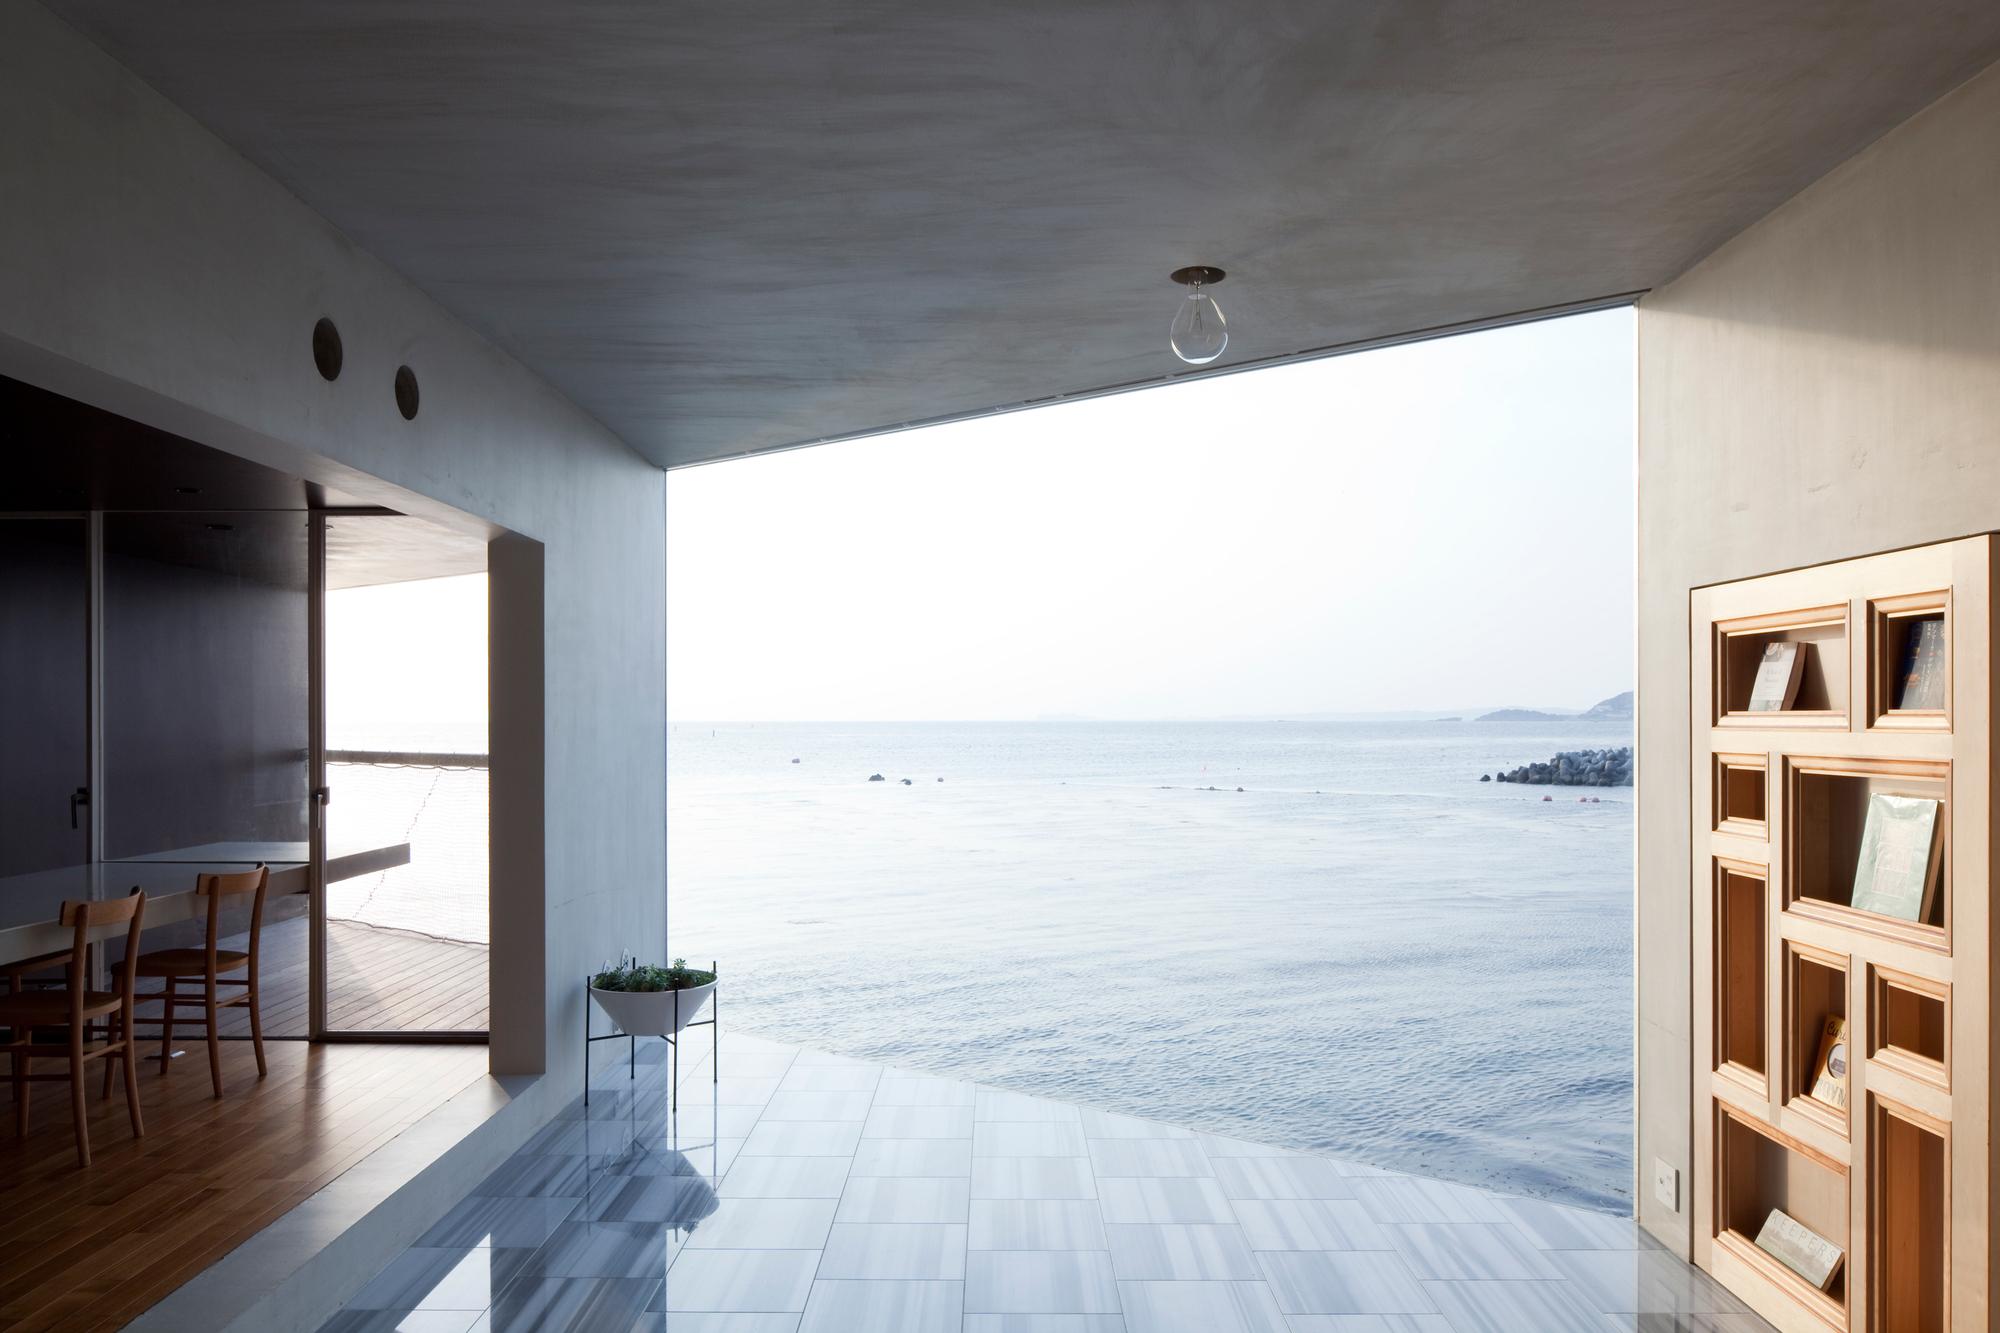 518b9ae6b3fc4bd91700007d_nowhere-but-sajima-yasutaka-yoshimura-architects__mg_4569.jpg